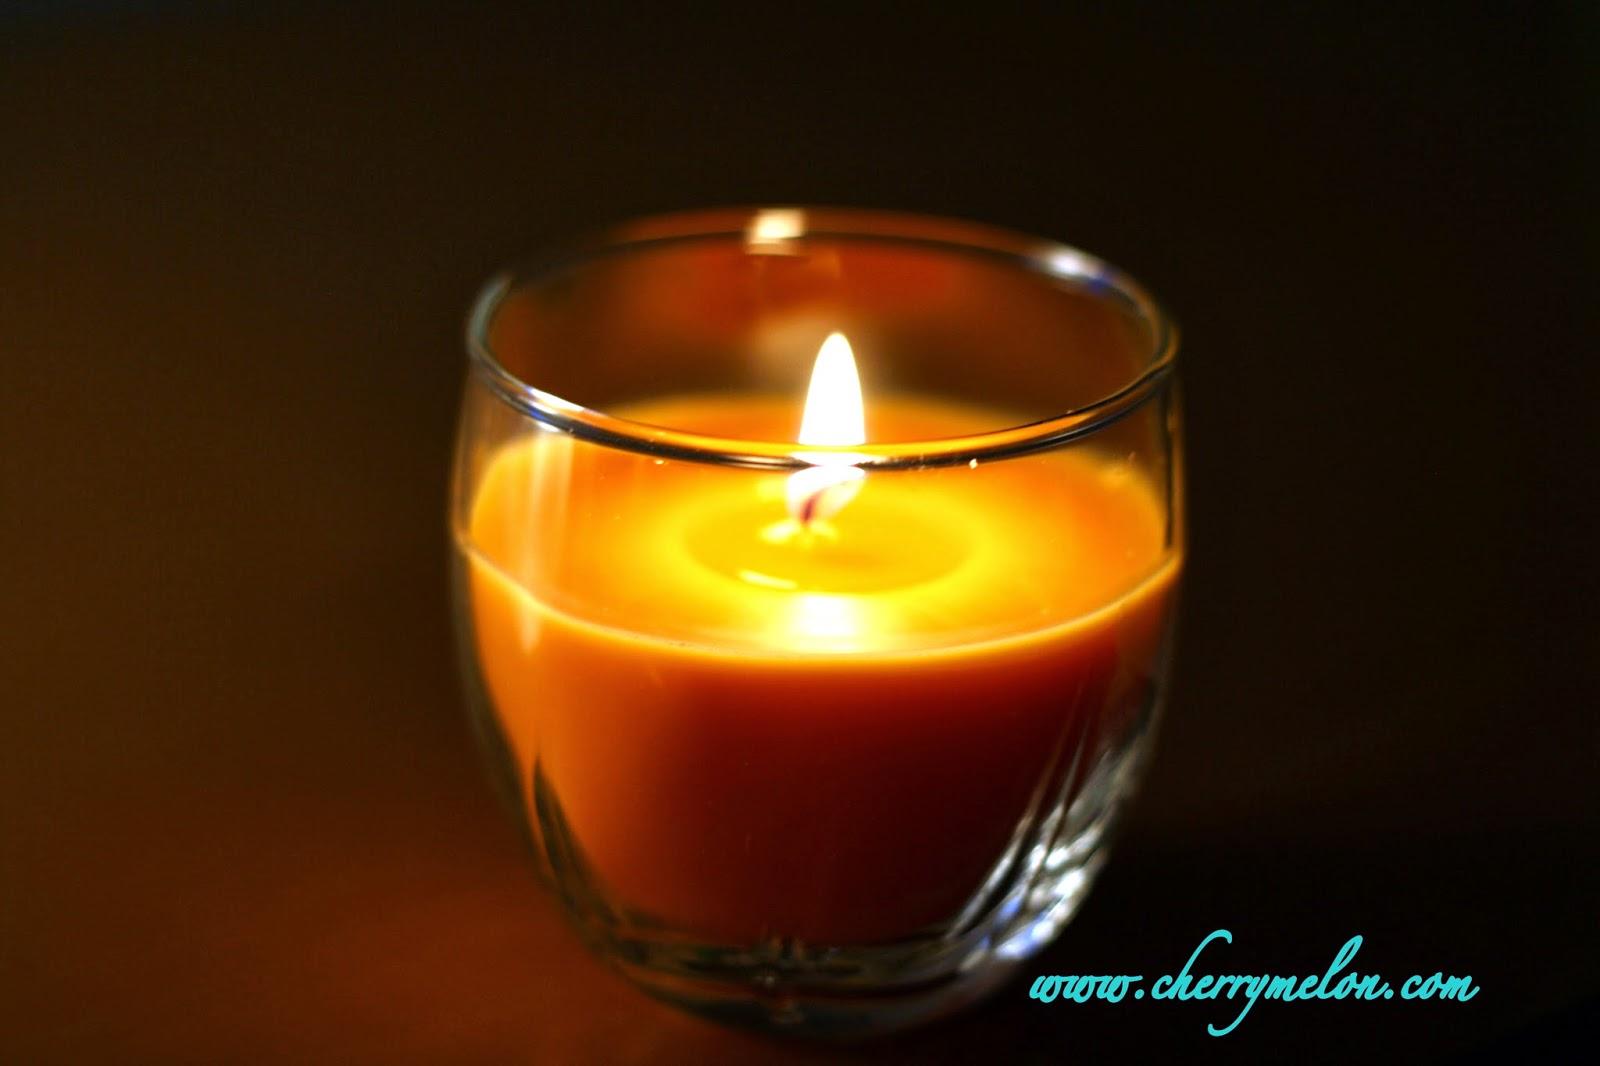 El blog de cherrymelon evitar y eliminar el olor a tabaco - Como eliminar el olor a tabaco de las paredes ...